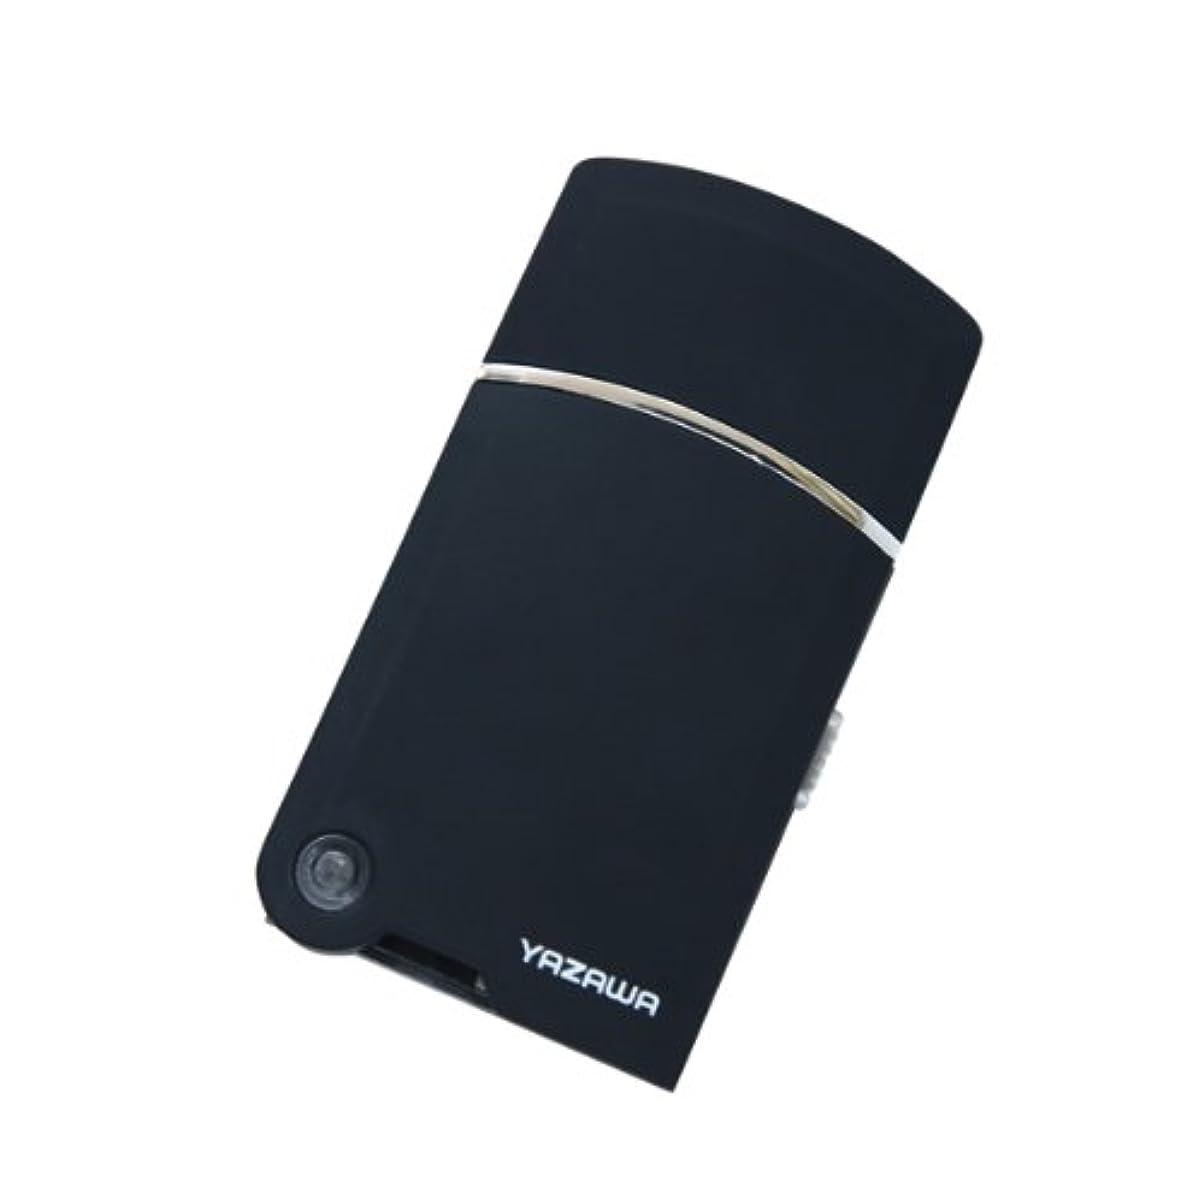 一元化する楽しむ津波ヤザワ トラベルUSBシェーバー USB充電式 掃除用ブラシ付き TVR08BK